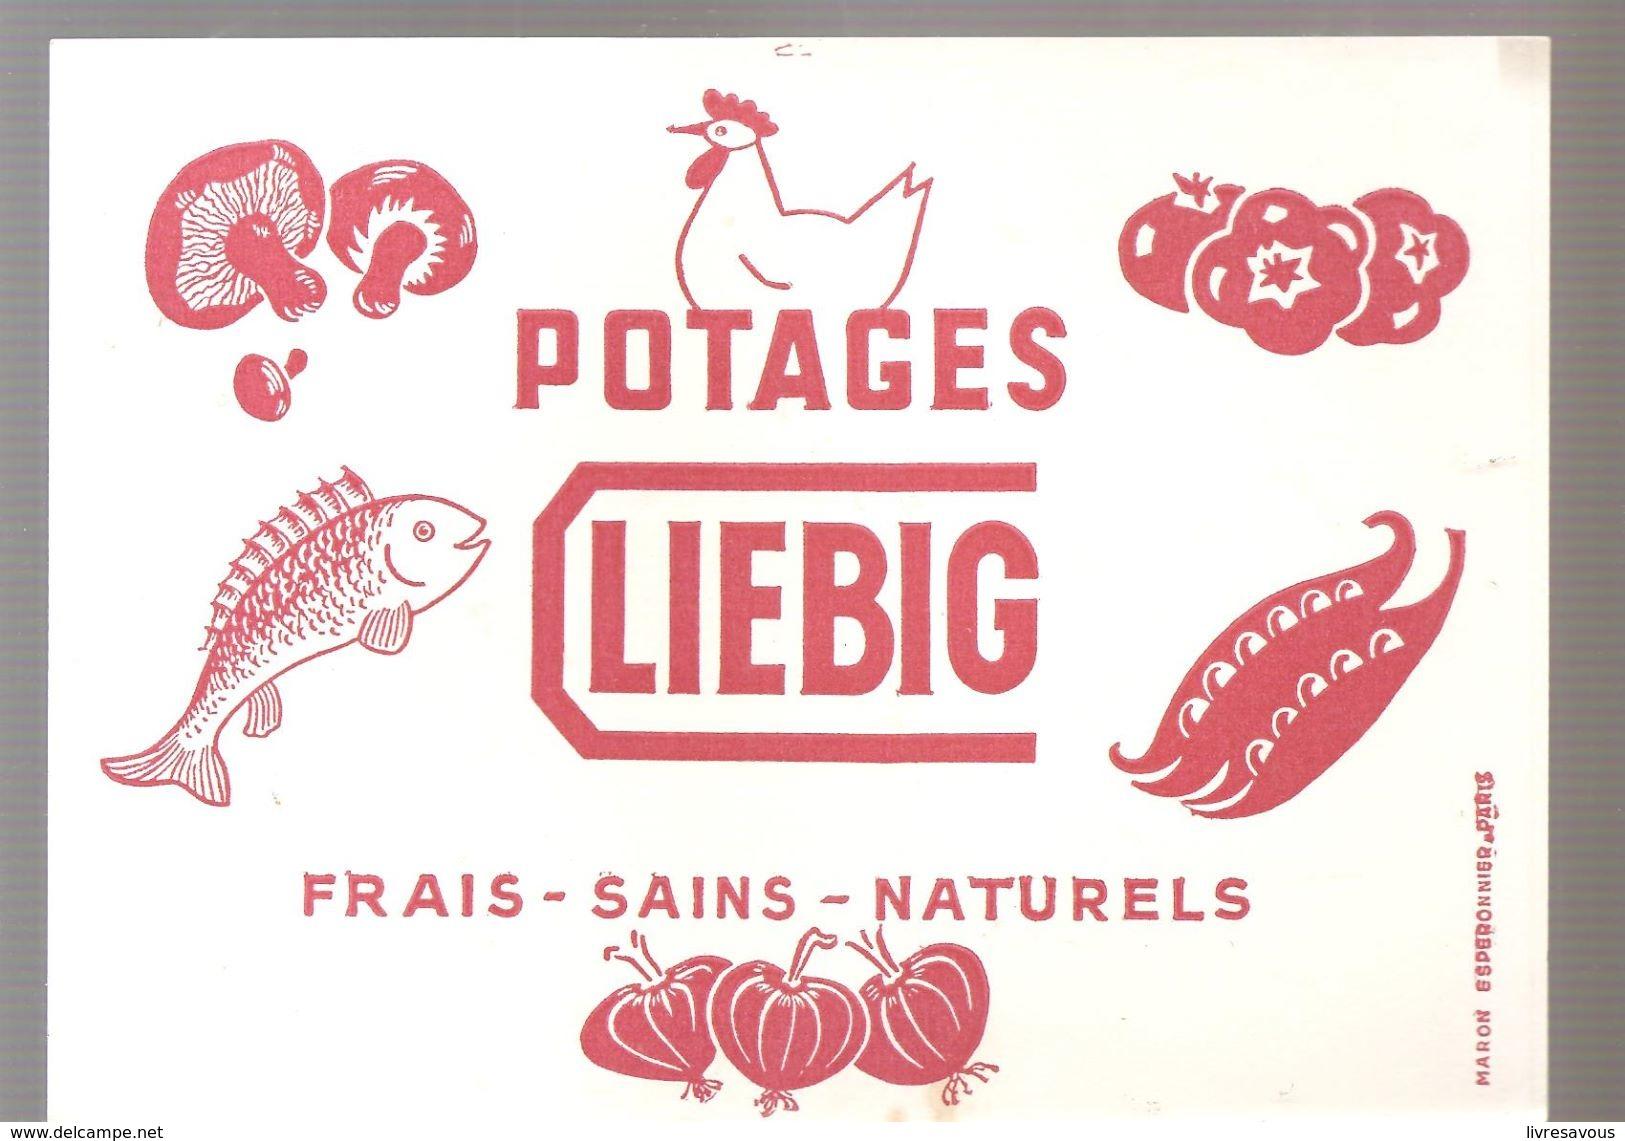 Buvard LIEBIG Potages LIEBIG FRAIS SAINS NATURELS - Potages & Sauces